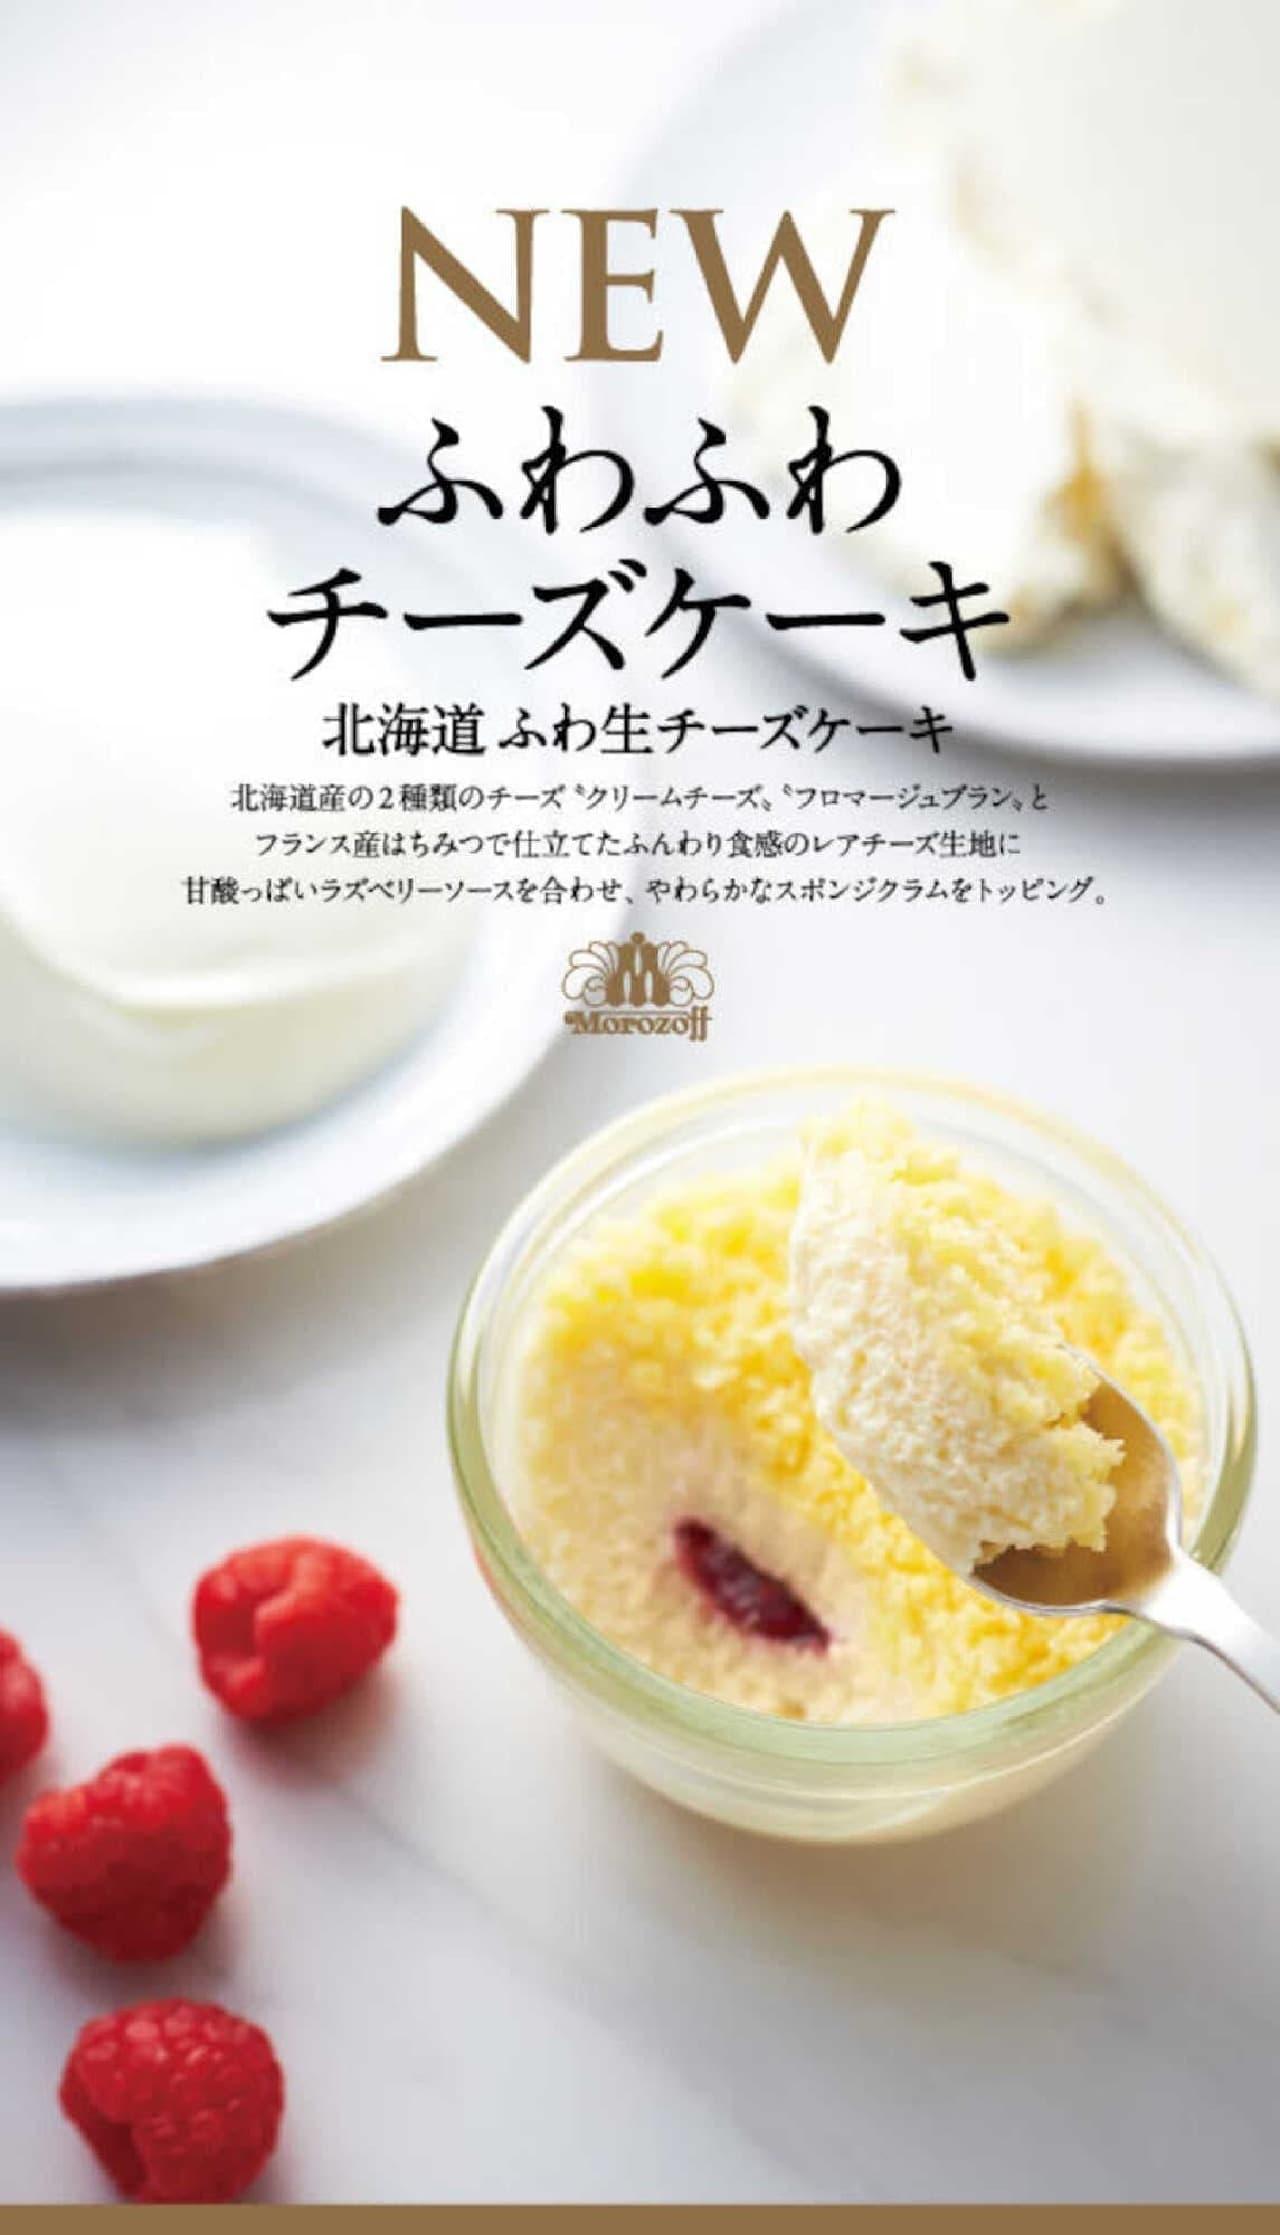 モロゾフ「北海道 ふわ生チーズケーキ」期間限定